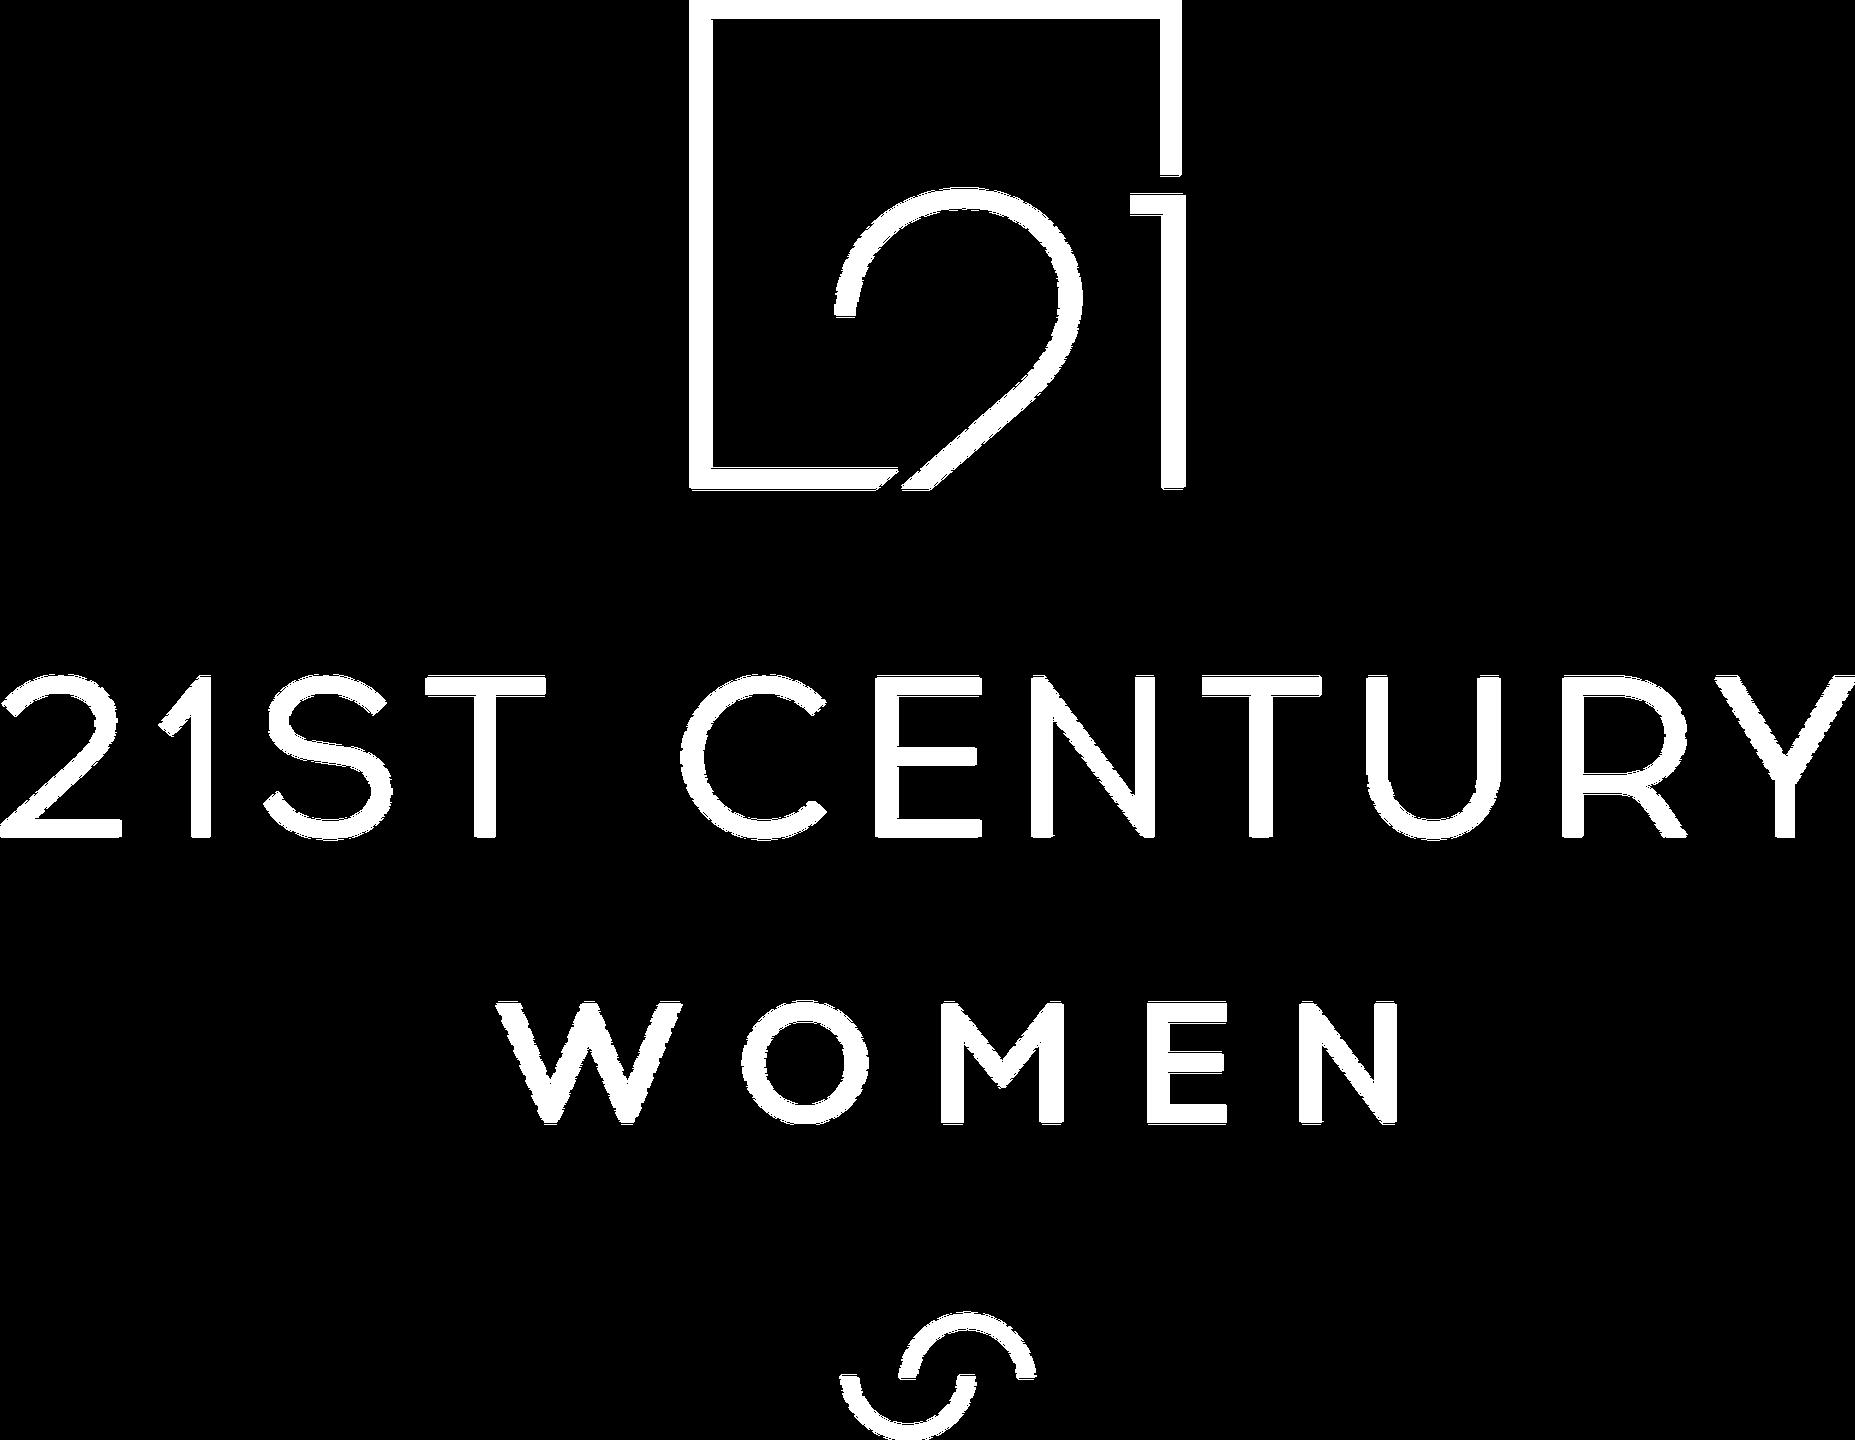 Tina Tower 21st Century Women